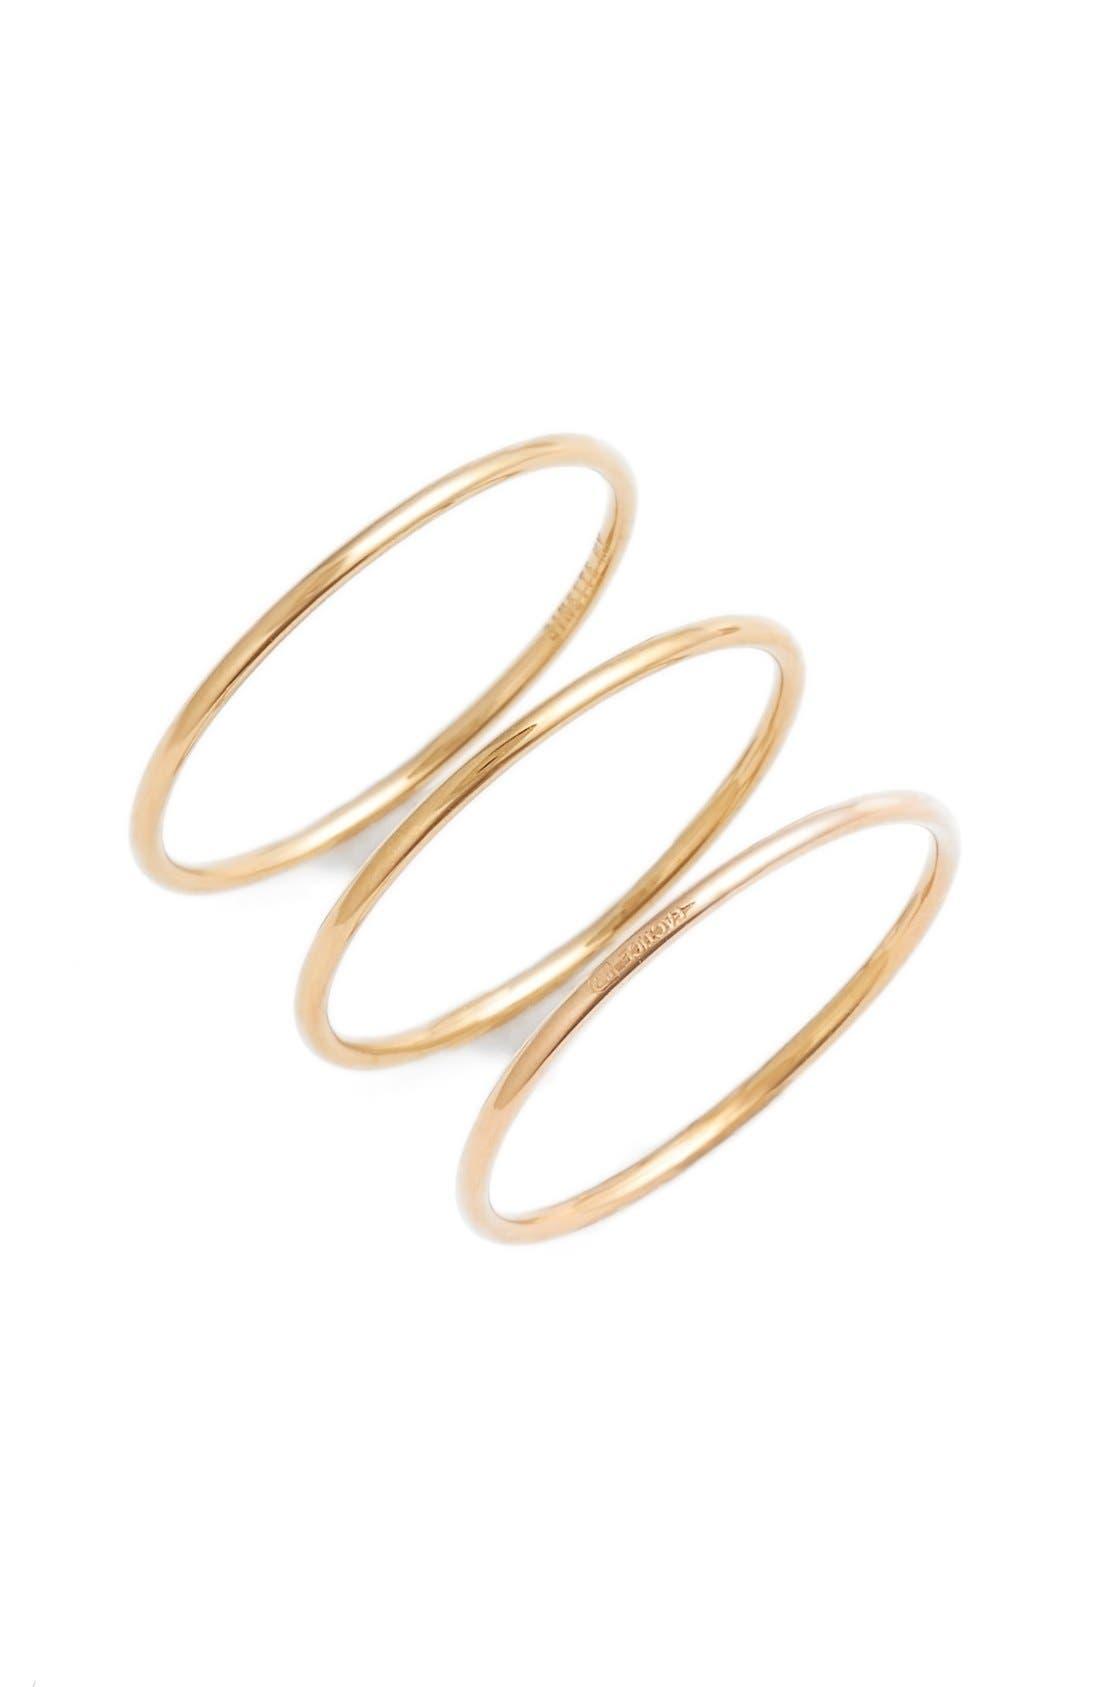 Main Image - ginette ny Circle Rings (Set of 3)